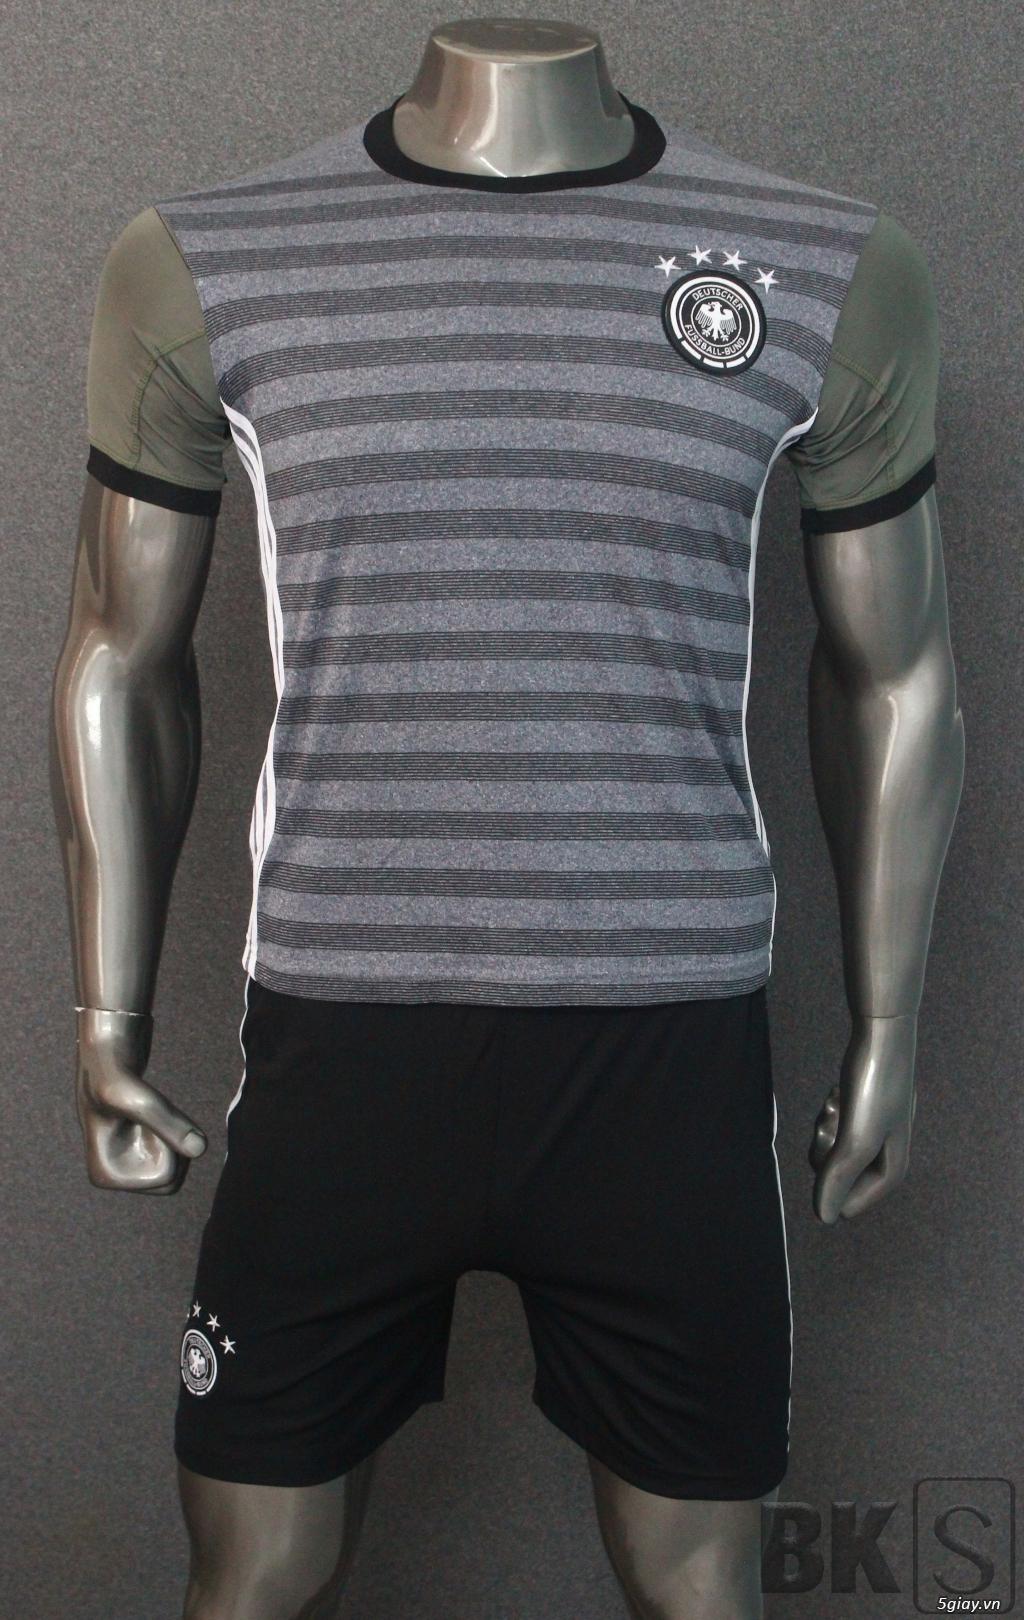 Áo bóng đá HP-địa chỉ gốc sản xuất trang phục thể thao số 1 Việt Nam - 27